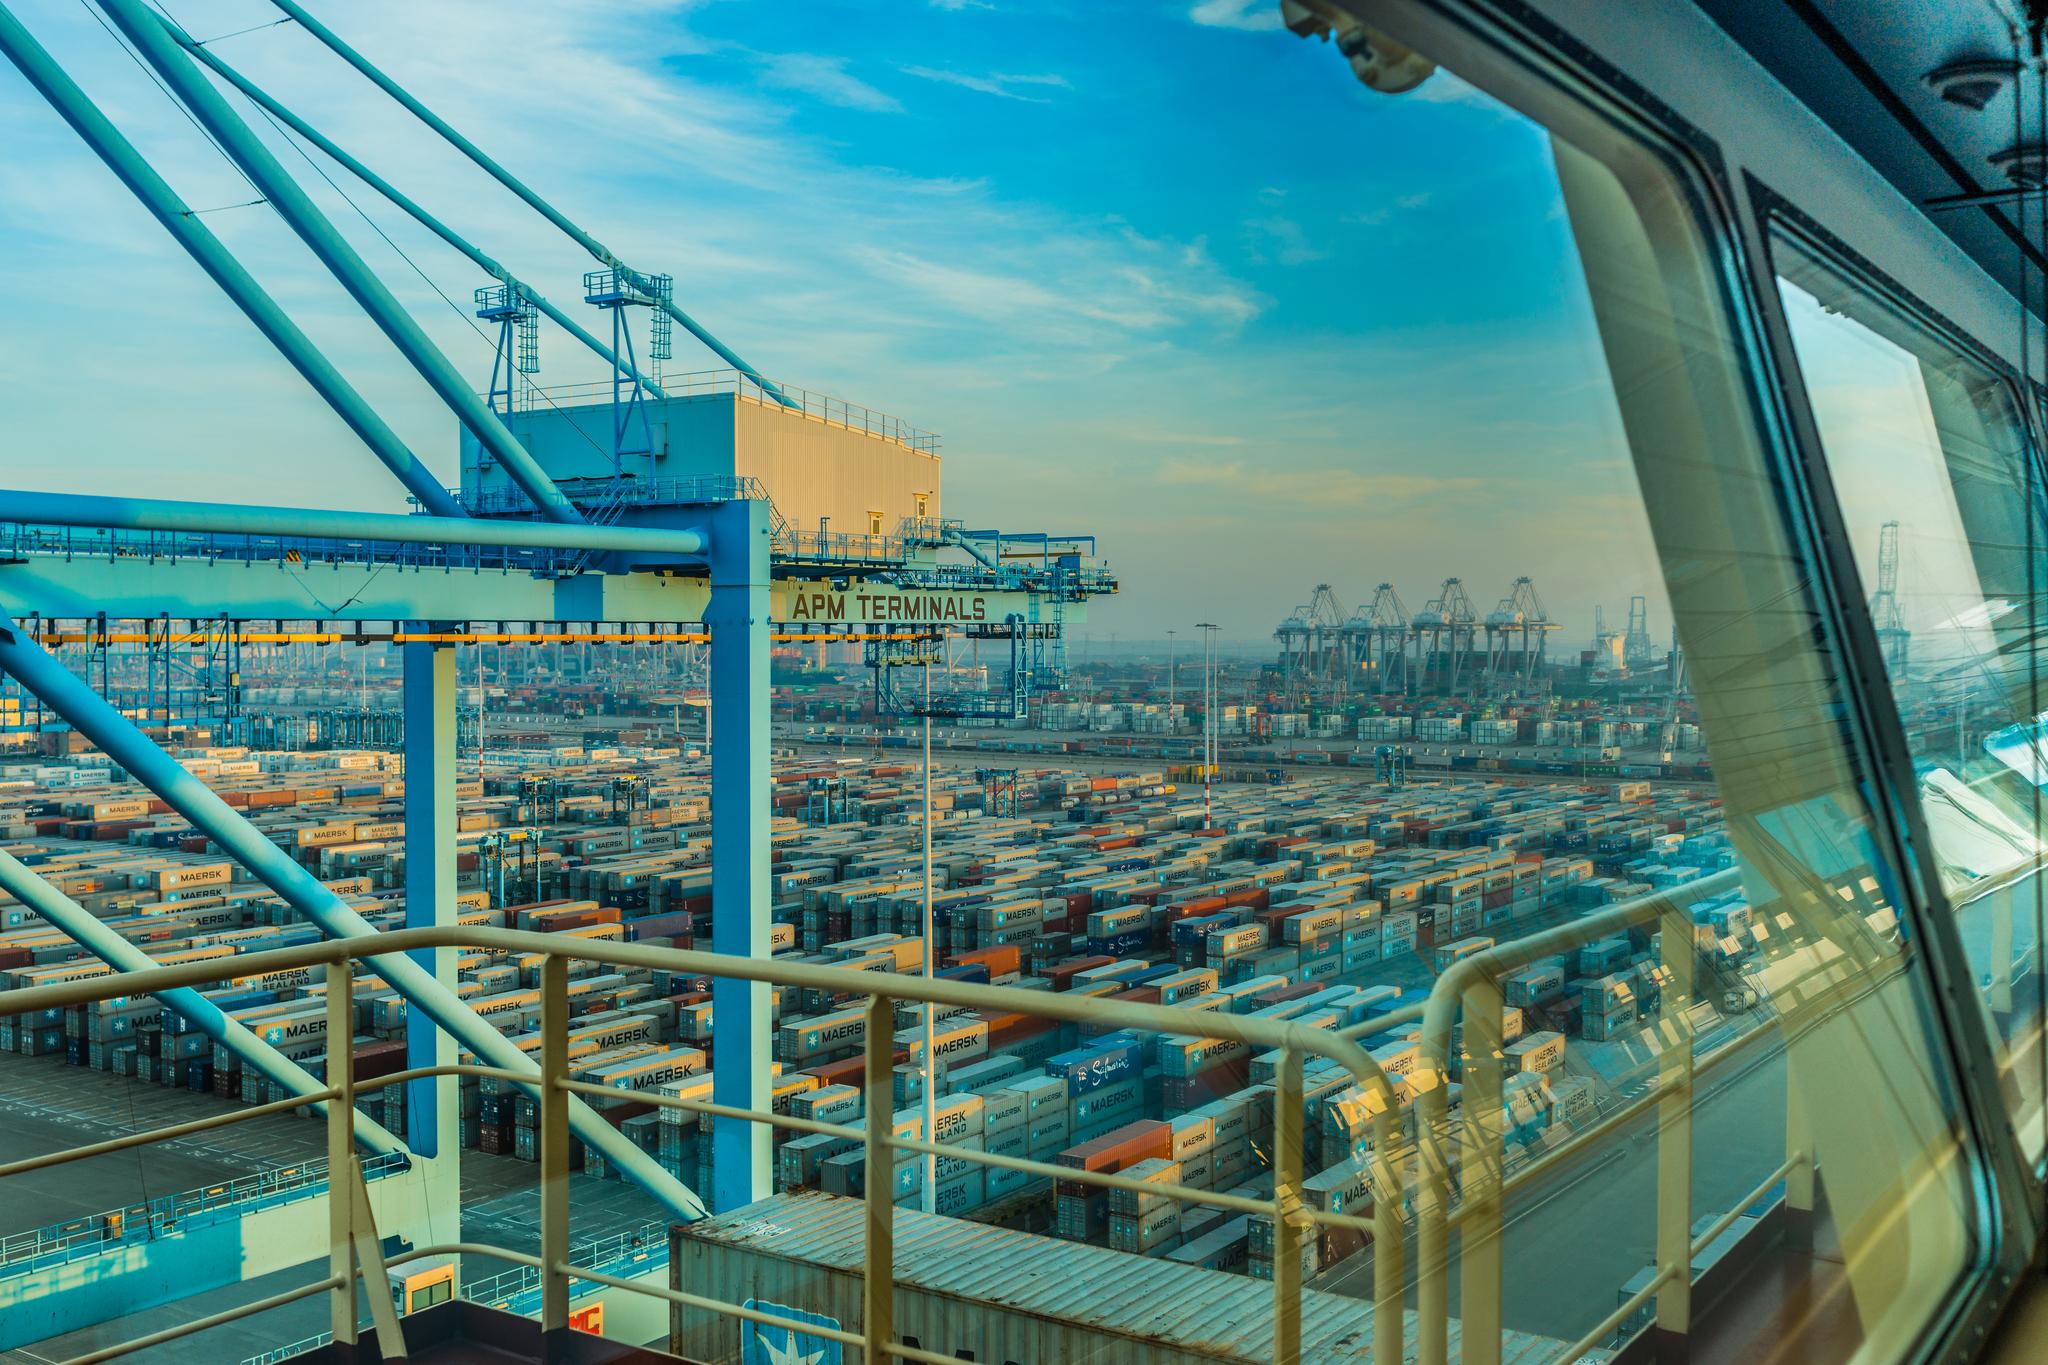 Widok z mostka Mayview Maersk na terminal kontenerowy APM Maasvlakte w Rotterdamie, na dalszym planie widoczne również suwnice pobliskiego terminala ECT (fot. Robert Urbaniak)